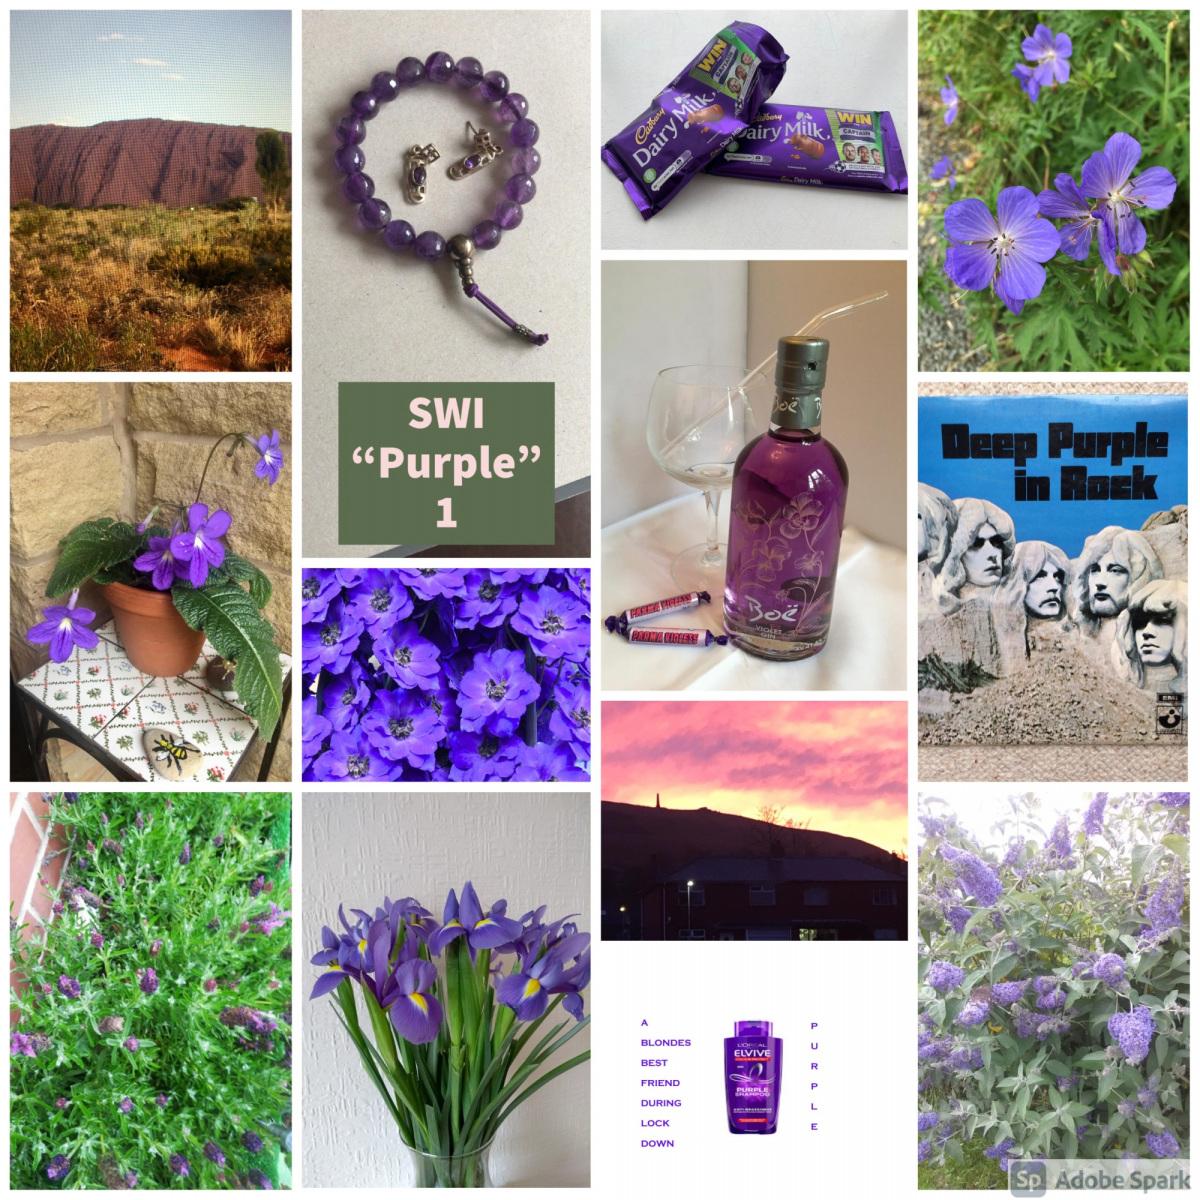 SWI-Purple-1